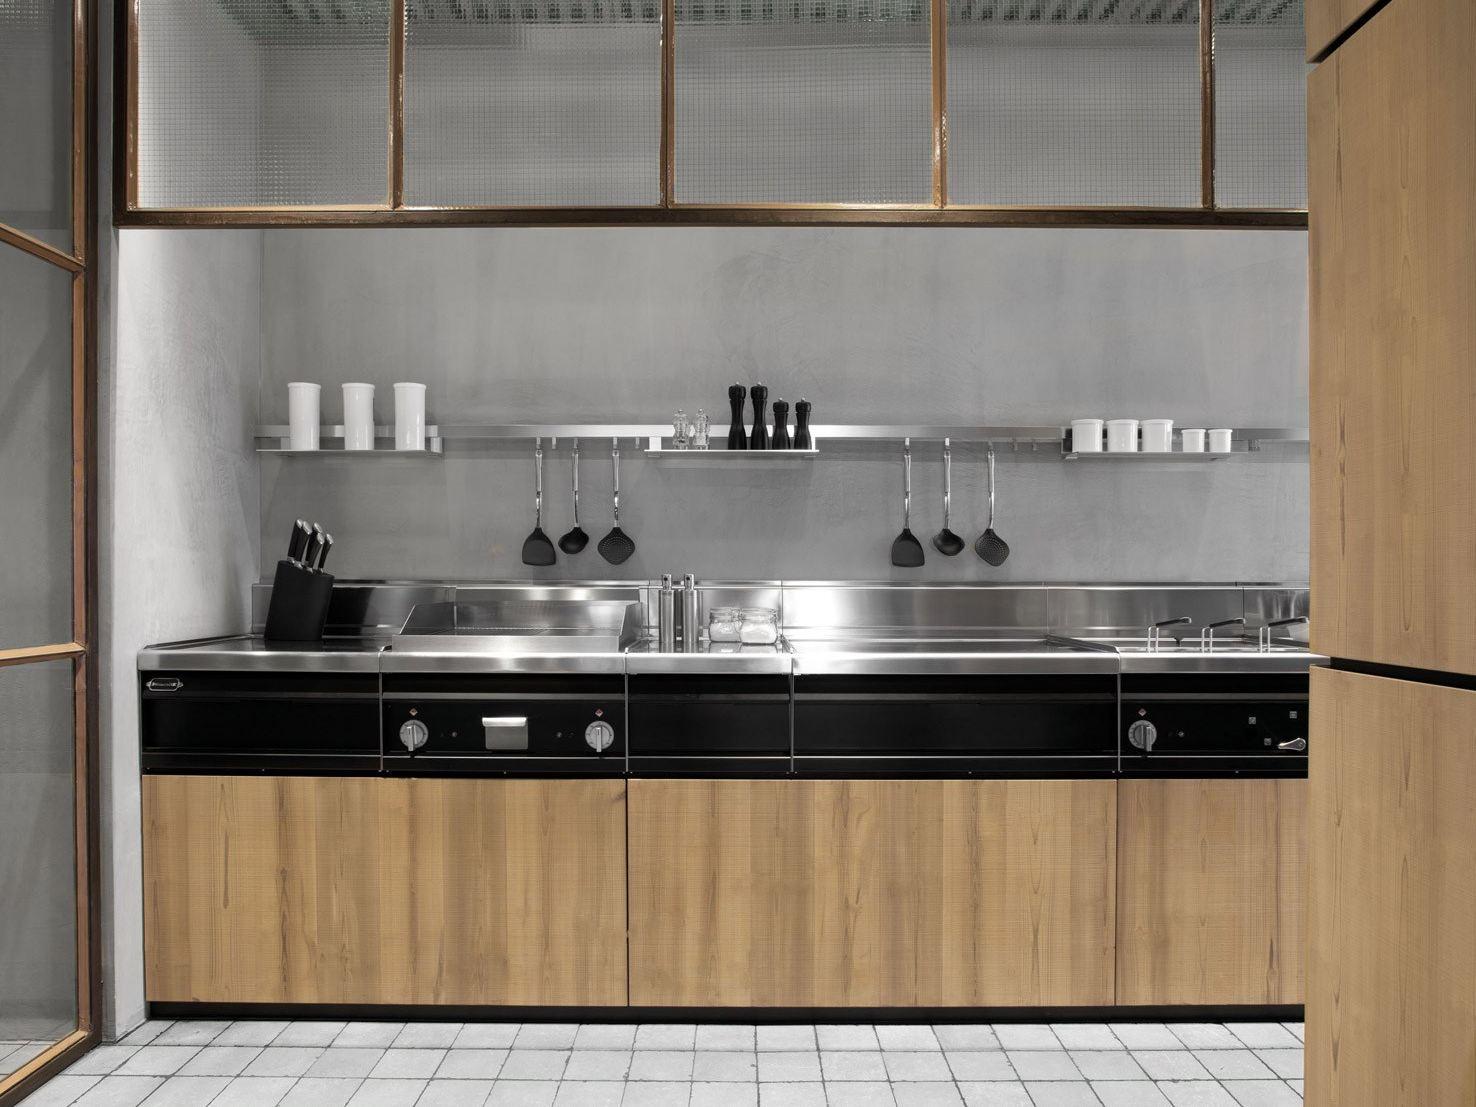 Экодизайн интерьера кухни от Minacciolo из натурального дерева